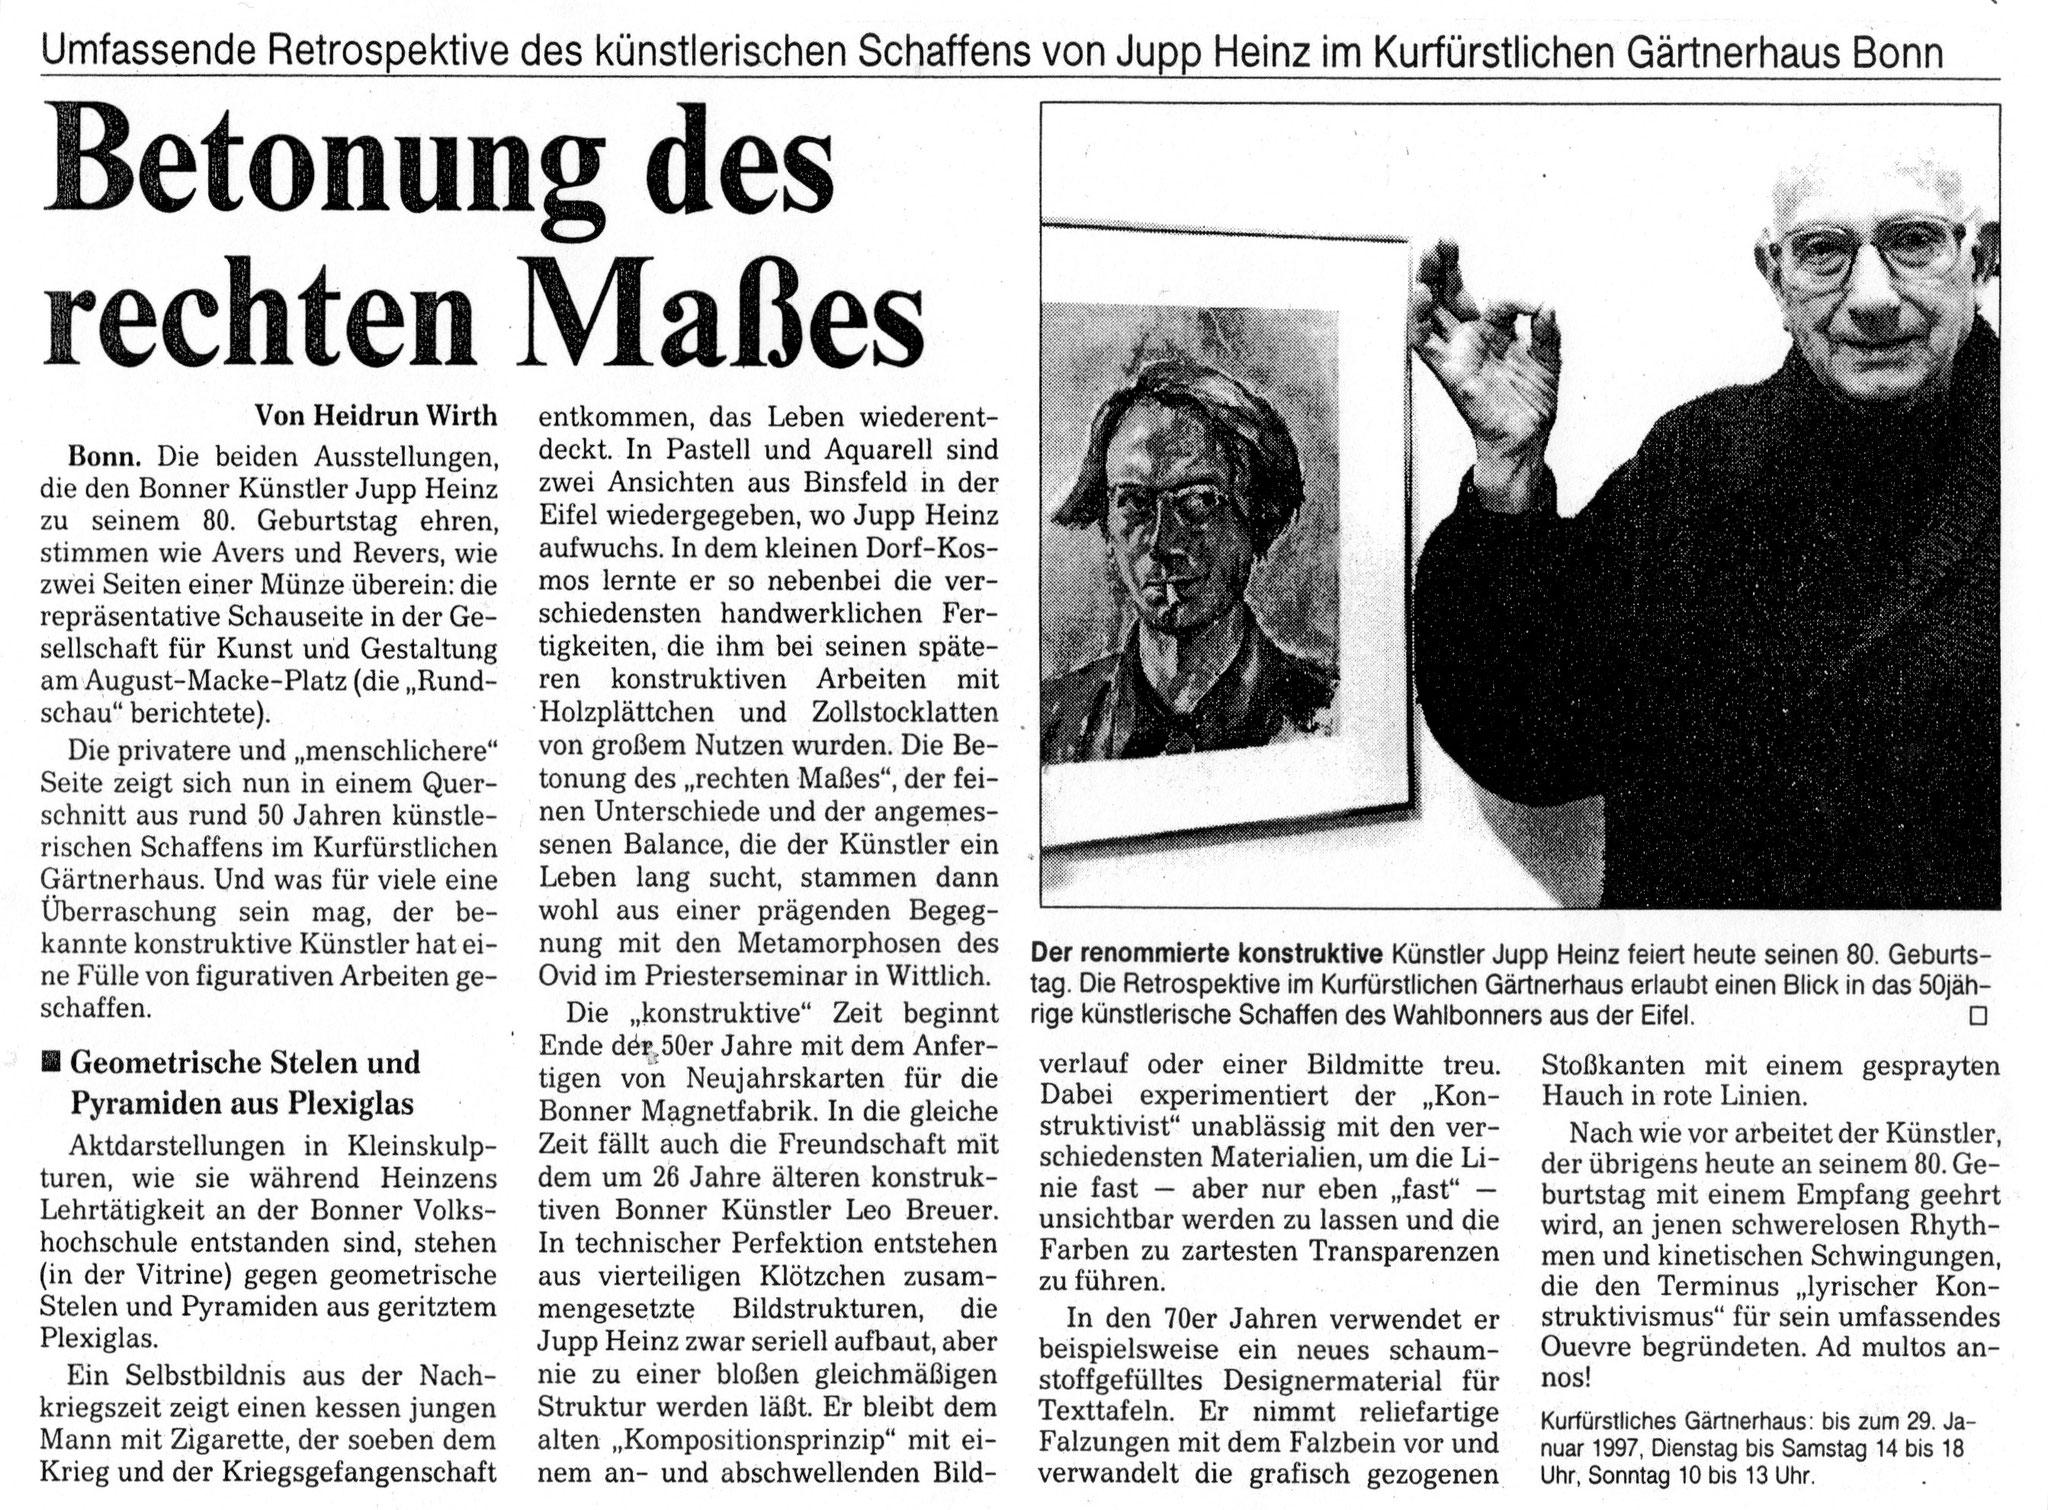 Bonn, Bonner Rundschau 1997